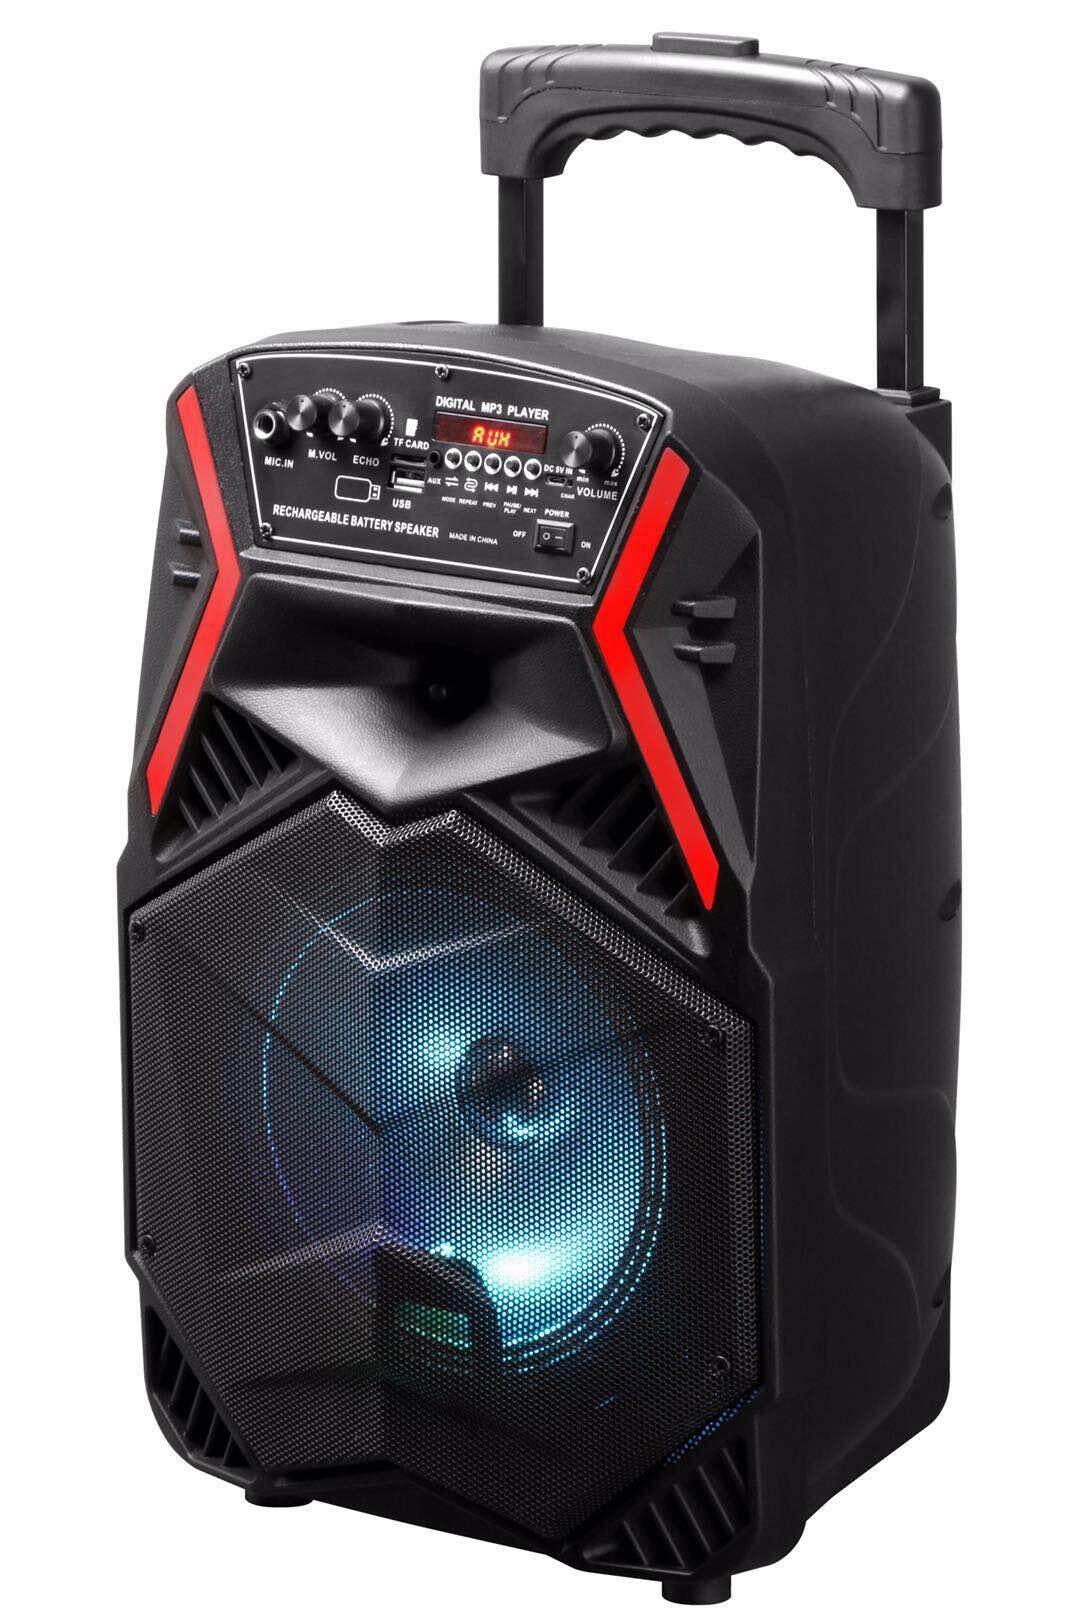 ลำโพงบลูทูธ ลำโพงเคลื่อนที่ Loudspeaker รุ่น Mn-08- 09เสียงดี เสียงดัง ขนาด 8 นิ้ว ล้อลาก !!!ฟรีไมค์ By Qw Shop.